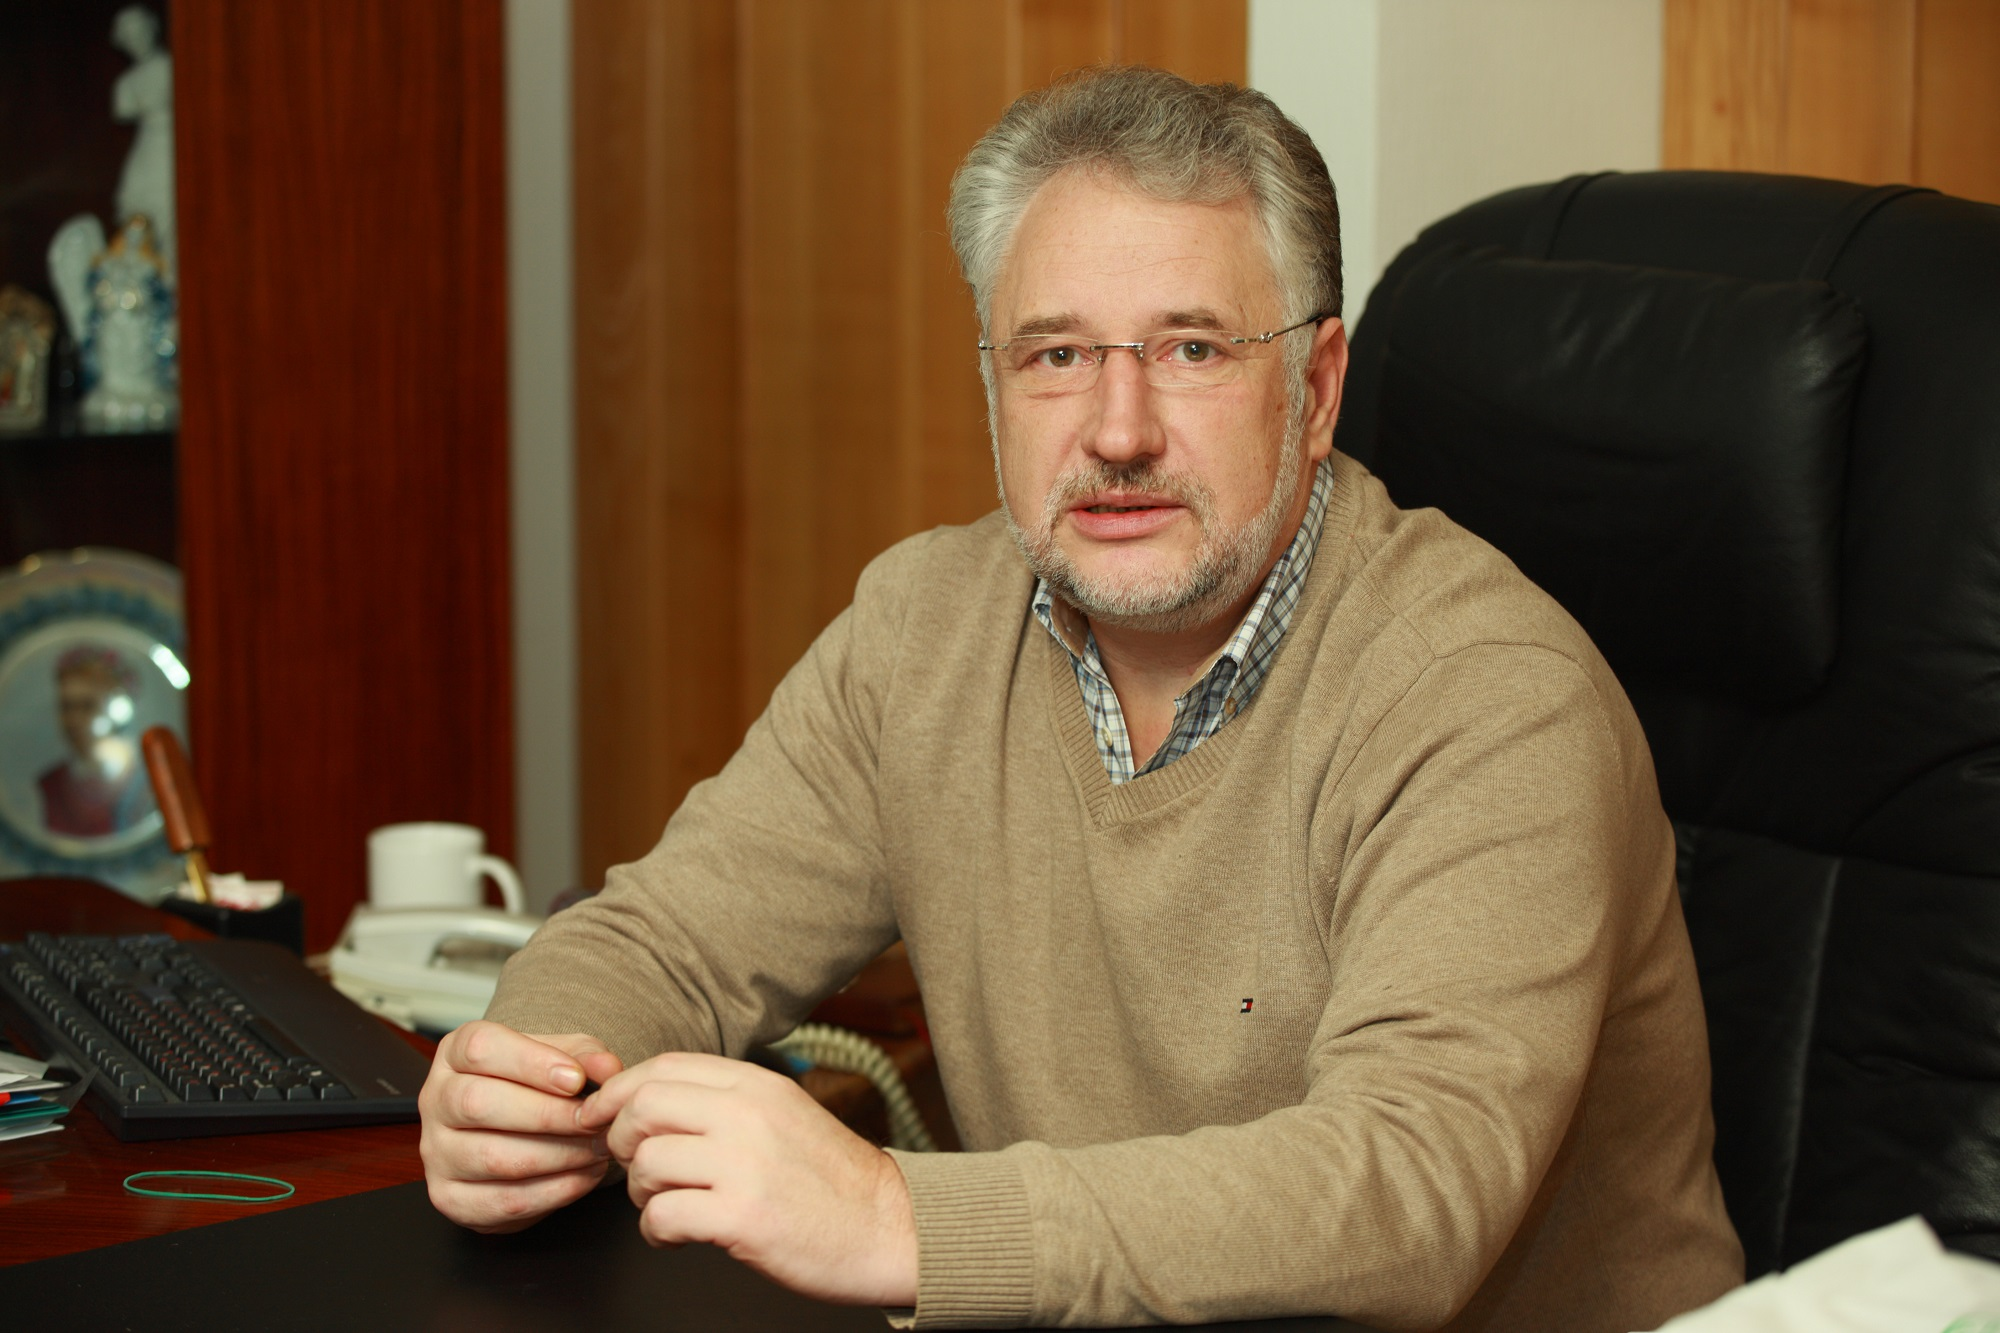 Декларация Жебривского: дом в Киеве, бриллианты жены и акции иностранной компании